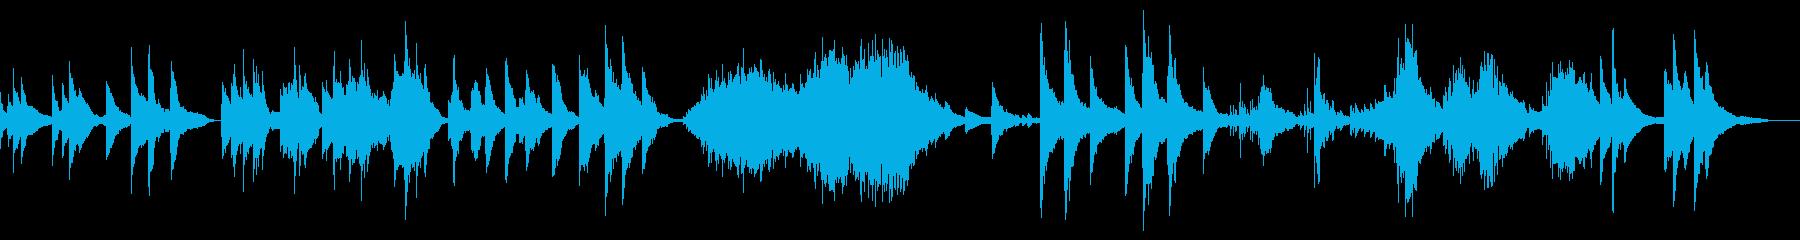 ピアノによるノスタルジックな音風景の再生済みの波形